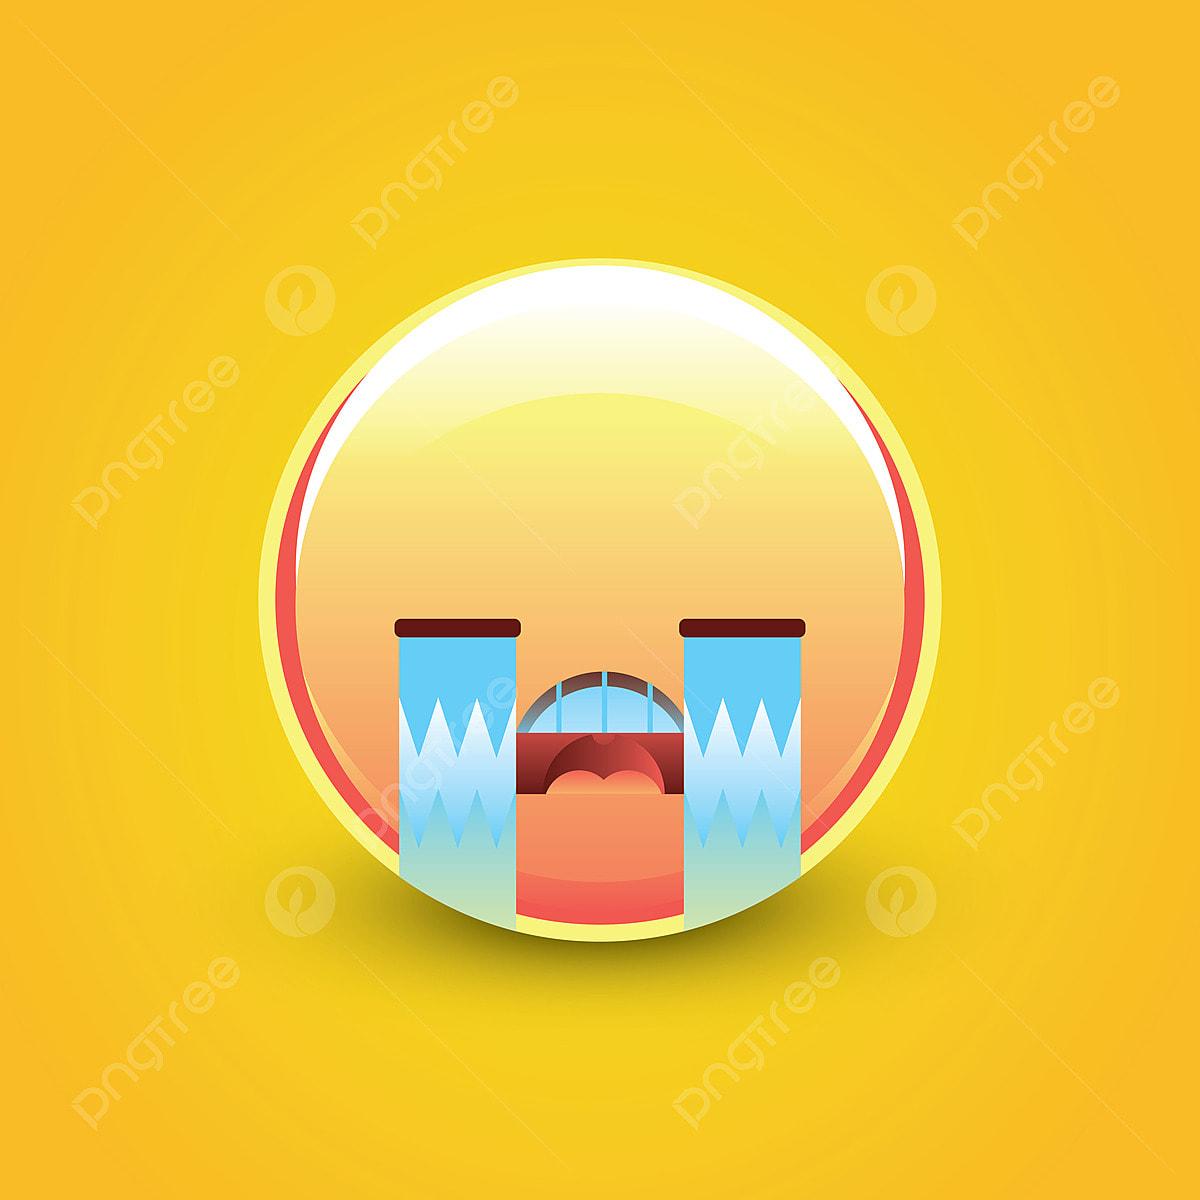 حزين يبكي التعبيرات وجه مبتسم شخصية حرف توضيح سعيدة Png والمتجهات للتحميل مجانا